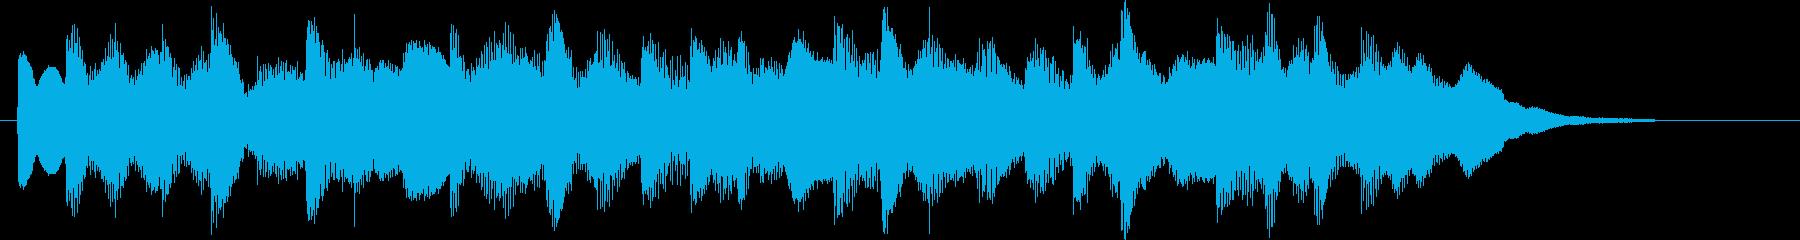 不思議なチャイムの再生済みの波形